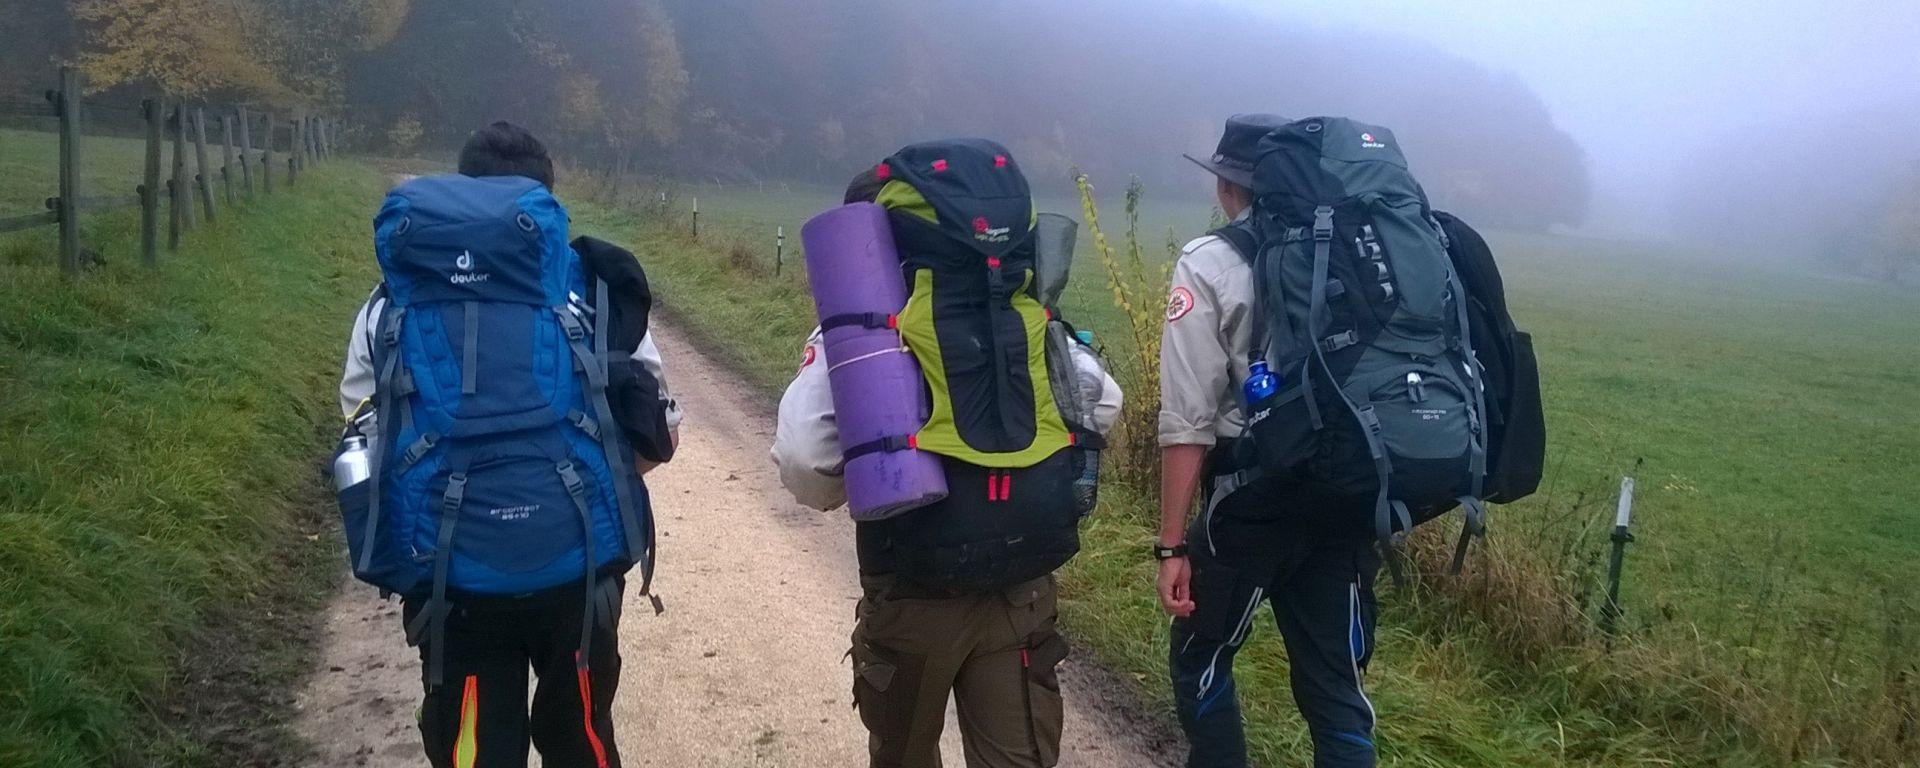 Mit gepacktem Rucksack auf dem Hajk